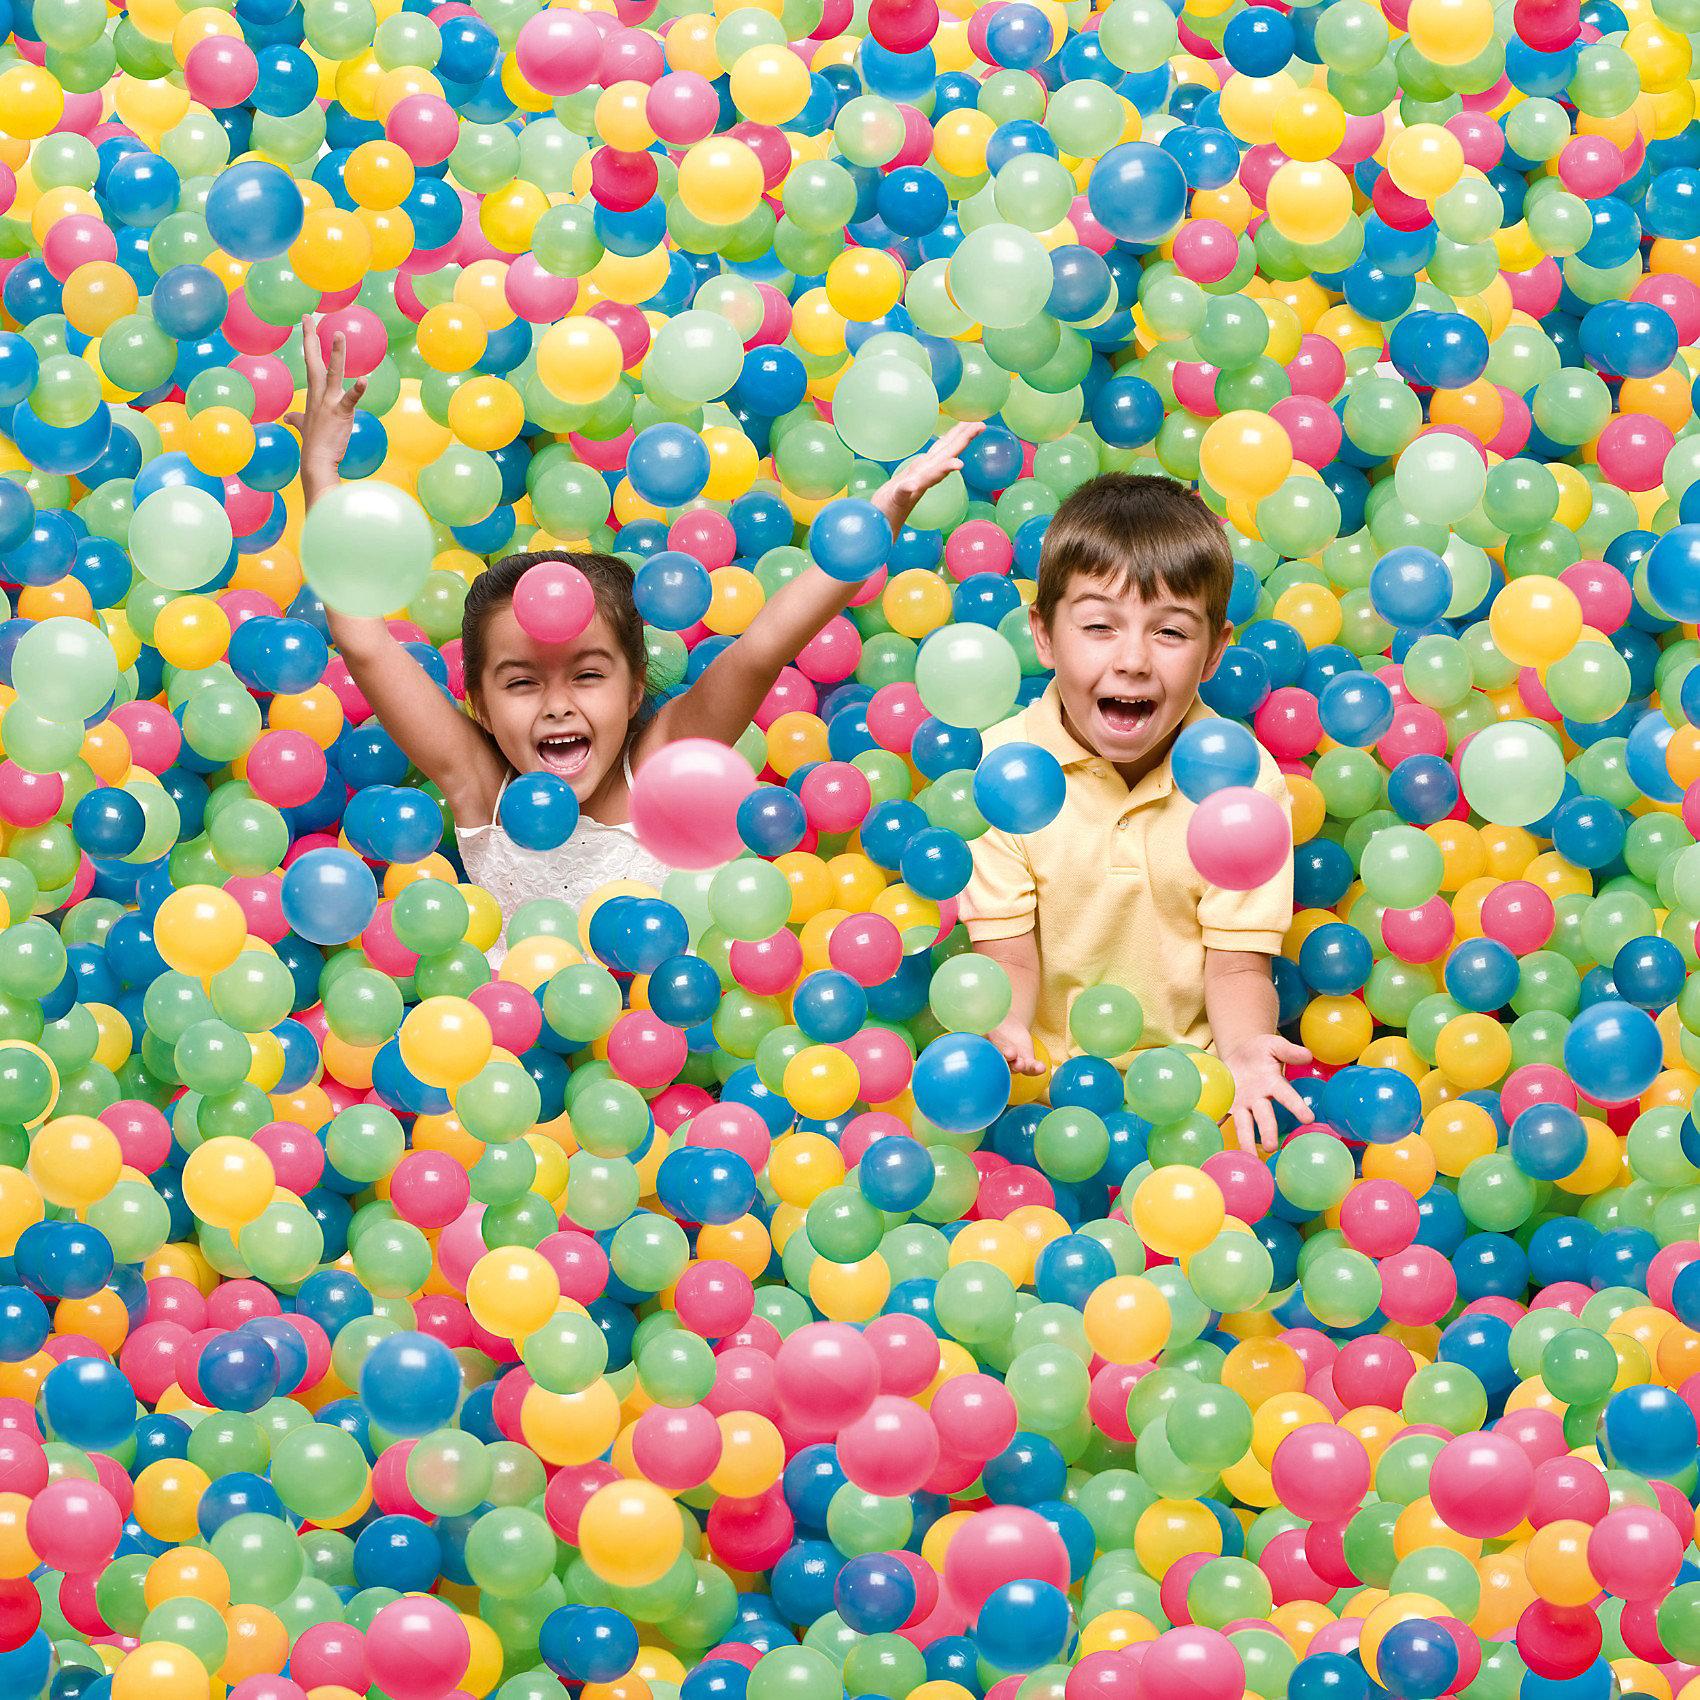 Mячи для игр Bestway, 100 штИгровые мячи<br>Характеристики товара:<br><br>• материал: полиуретан<br>• диаметр: 6,5 см<br>• комплектация: 100 шт<br>• можно играть на воде и на суше<br>• прочный материал <br>• яркие цвета<br>• хорошо заметны на воде<br>• страна бренда: США, Китай<br>• страна производства: Китай<br><br>Это отличный способ обеспечить детям веселое времяпровождение! Мячи можно добавить в бассейн во дворе у дачного домика, тогда это поможет ребенку больше времени проводить на свежем воздухе.<br><br>Набор сделан из прочного материала, но очень легкого. Комплект мячей мало весит, его удобно брать с собой. Изделие произведено из качественных и безопасных для детей материалов.<br><br>Mмячи для игр, 100 шт, от бренда Bestway (Бествей) можно купить в нашем интернет-магазине.<br><br>Ширина мм: 50<br>Глубина мм: 803<br>Высота мм: 201<br>Вес г: 4580<br>Возраст от месяцев: 36<br>Возраст до месяцев: 144<br>Пол: Унисекс<br>Возраст: Детский<br>SKU: 2324305